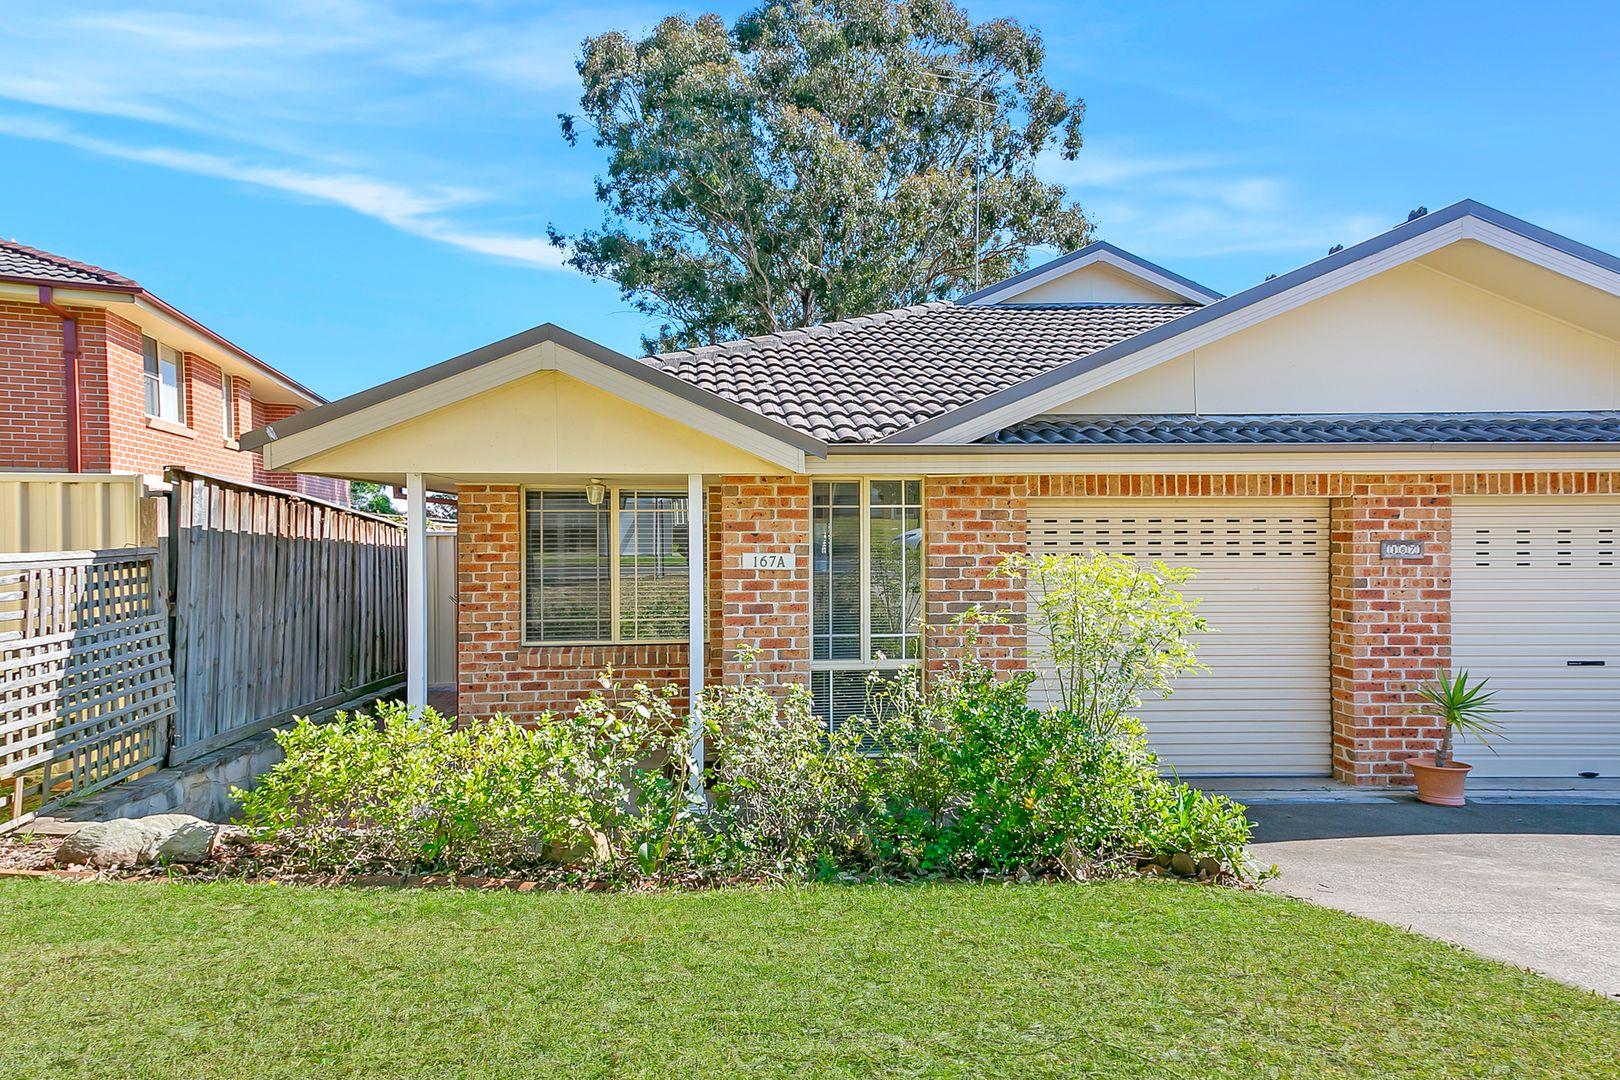 167A Glenwood Park Drive, Glenwood NSW 2768, Image 0